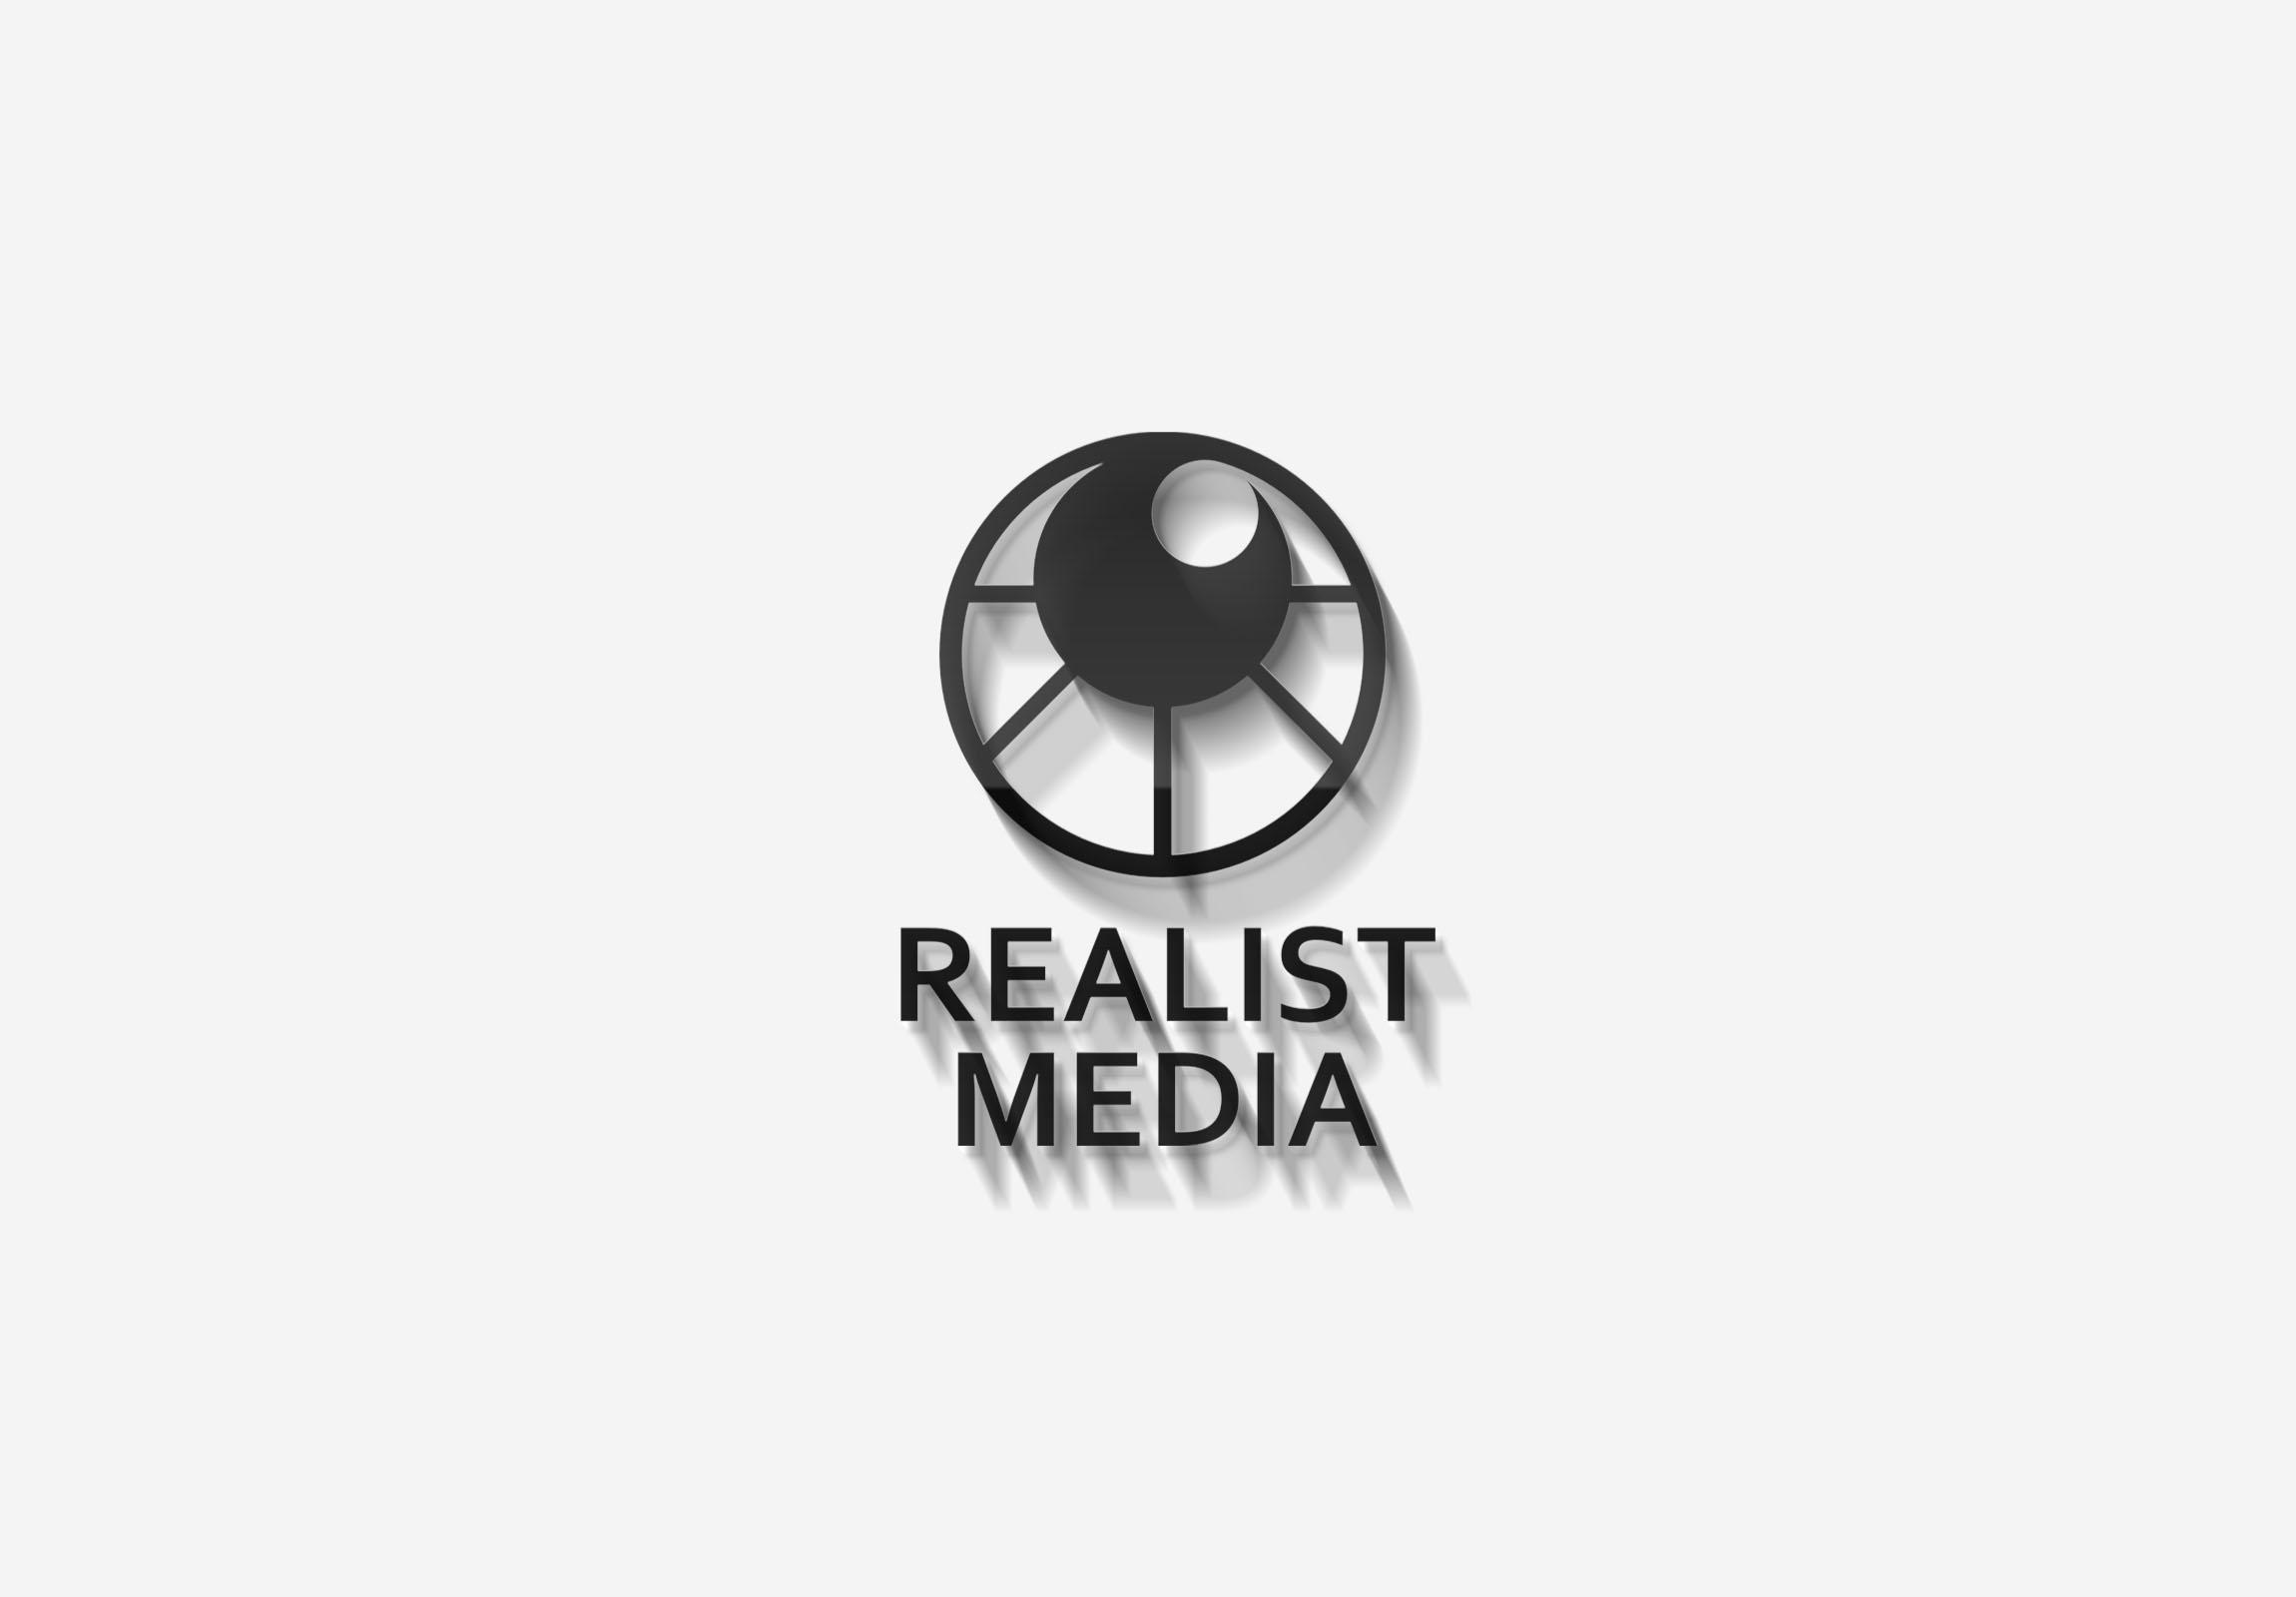 Разработка дизайна логотипа продакшена фото f_7525a8c60cb59580.jpg